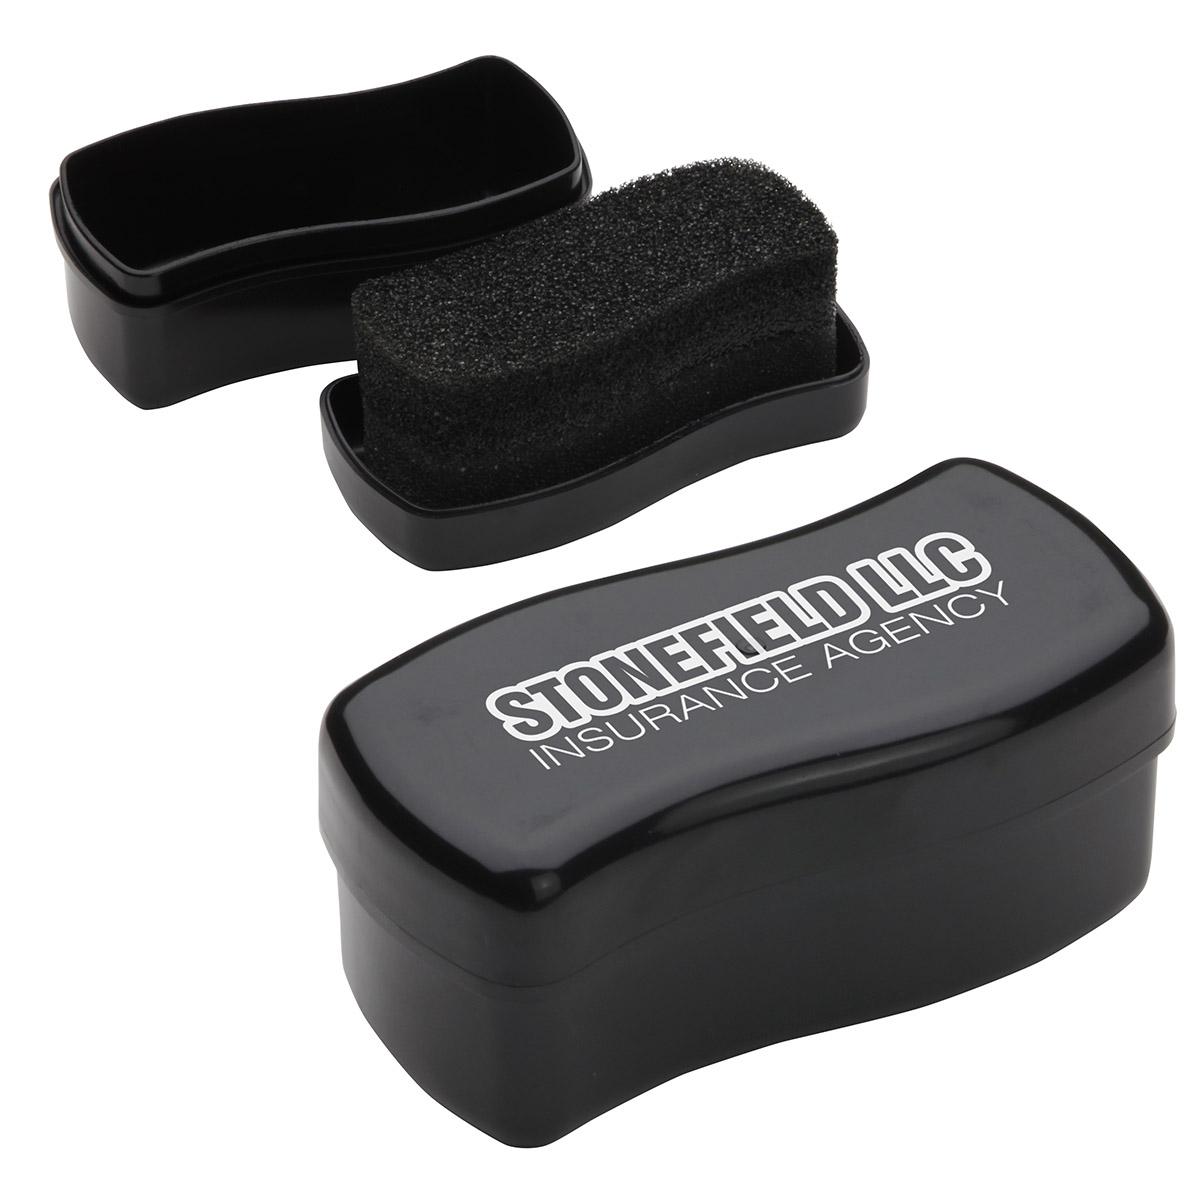 Touch-Up Shoe Shine Black Polish, WPC-TB12 - 1 Colour Imprint